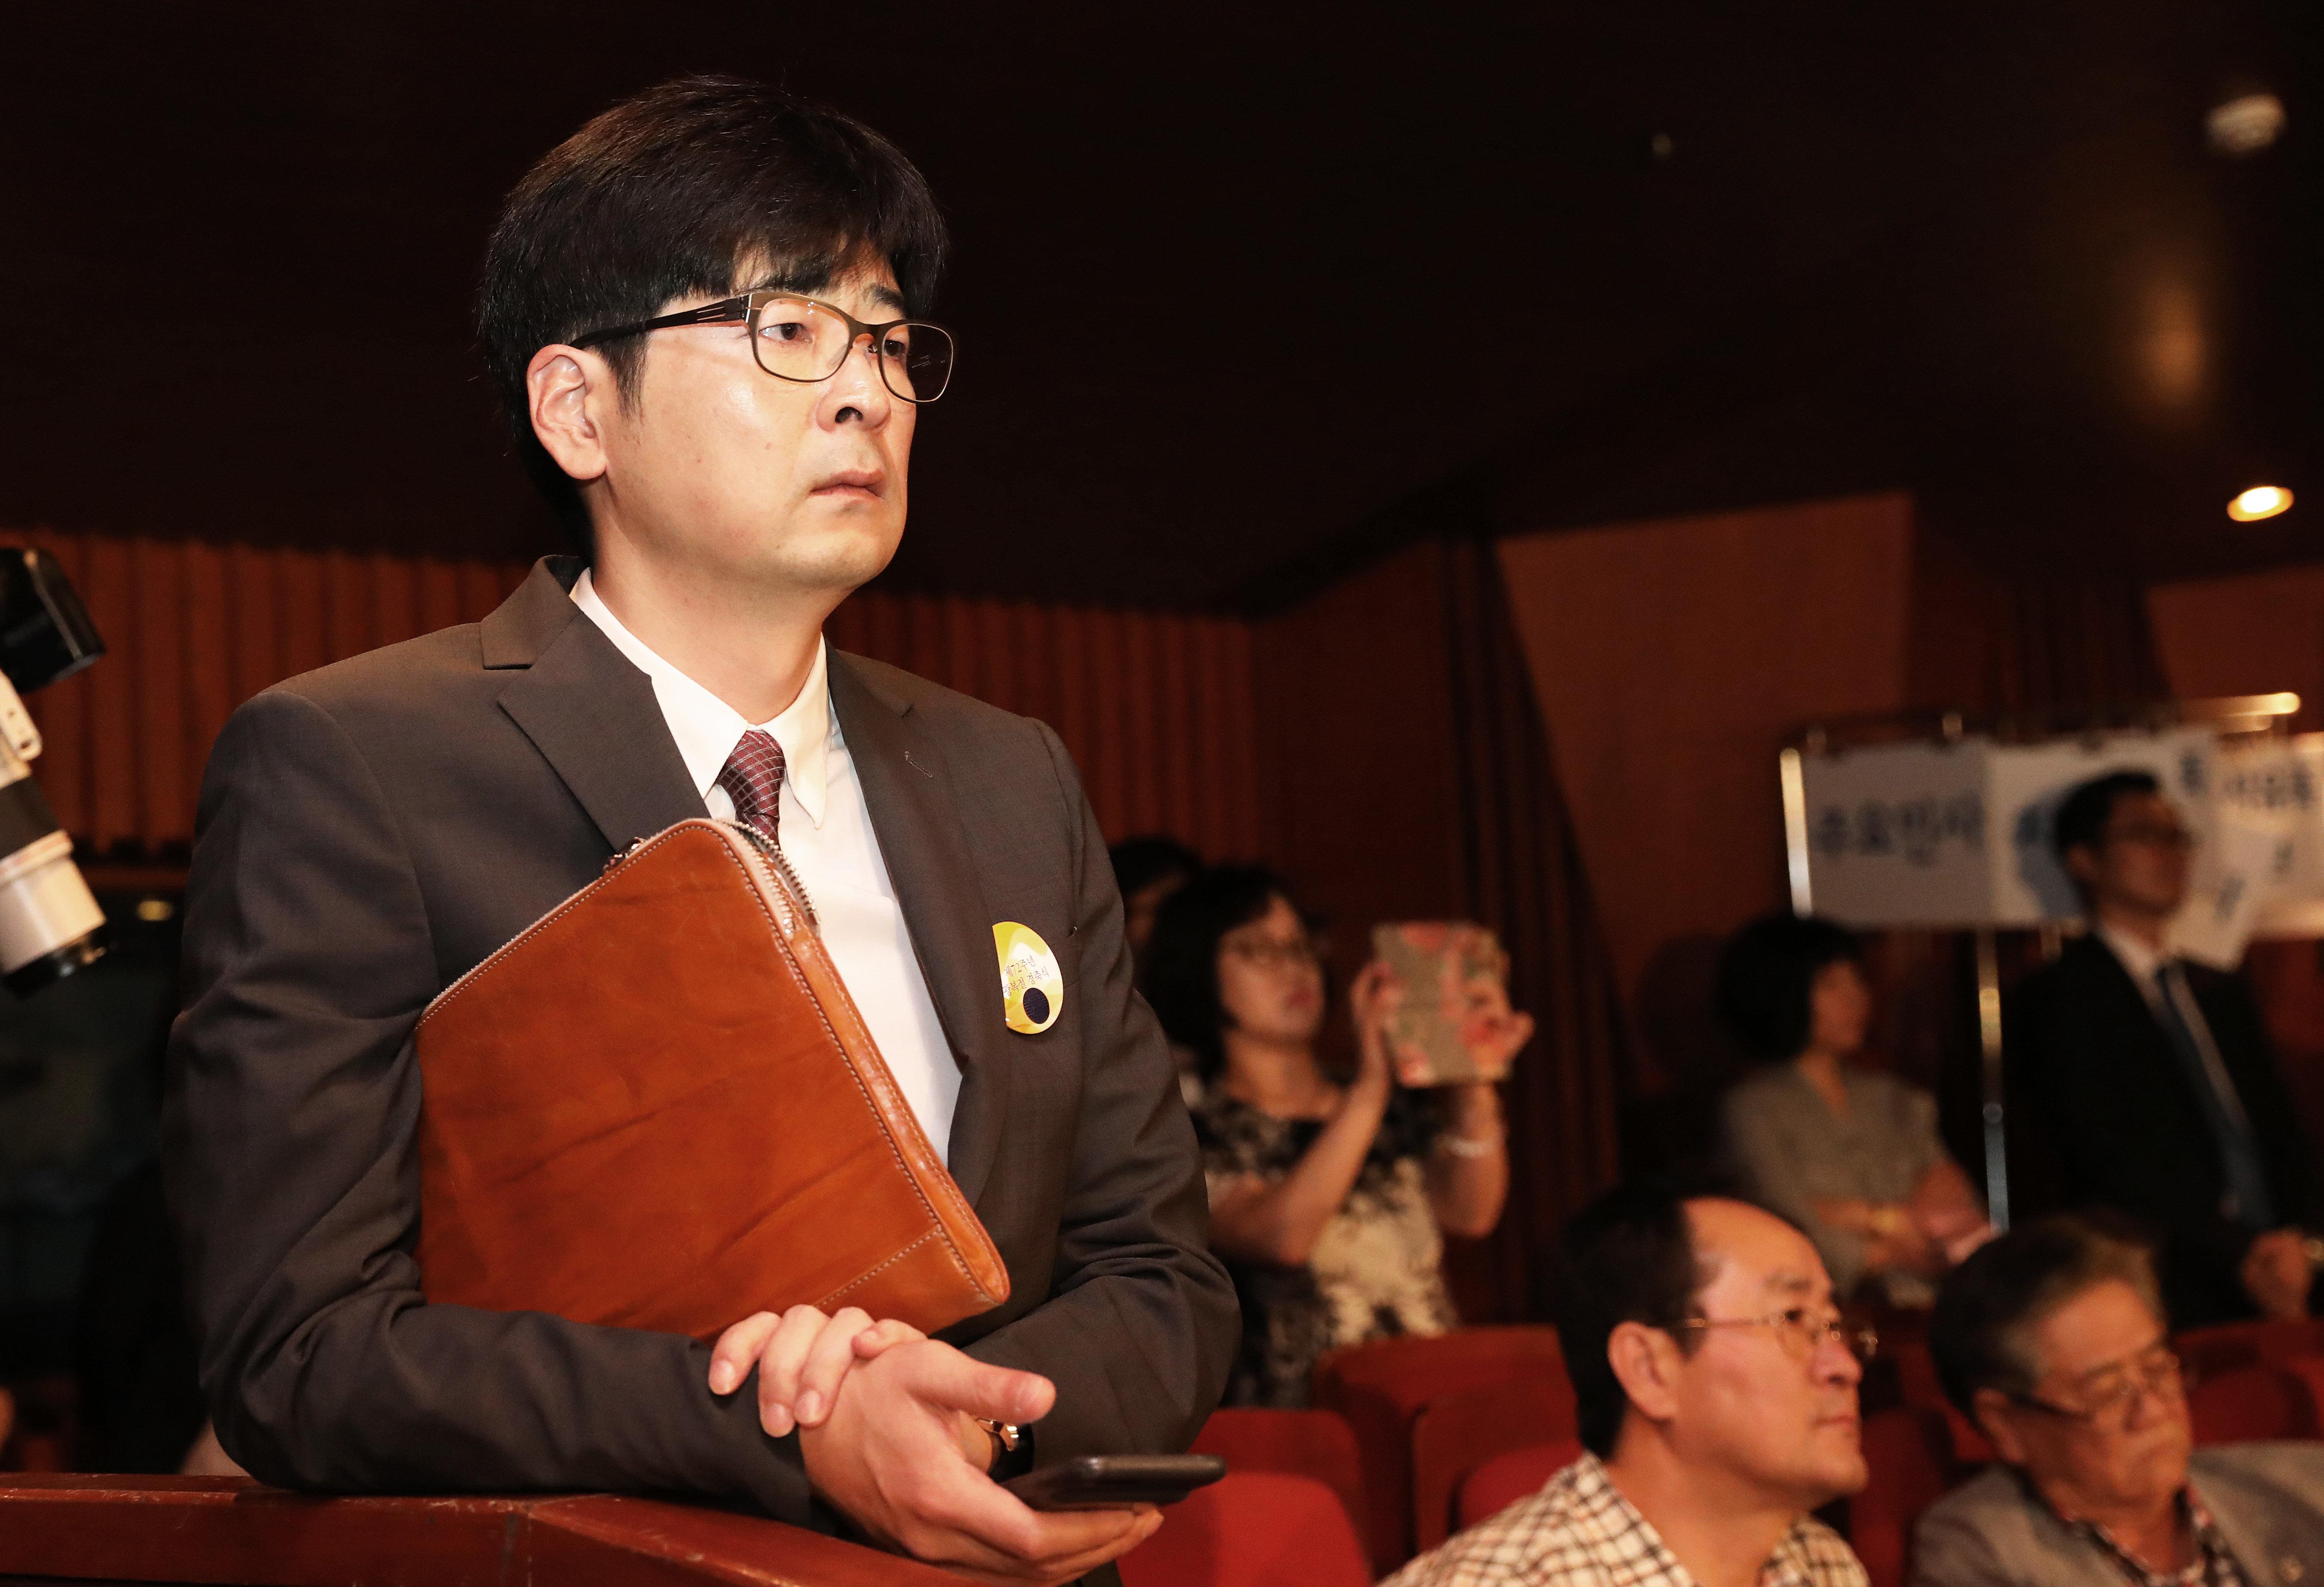 한국당이 논평을 내고 '탁현민 사의 표명·청와대 만류'를